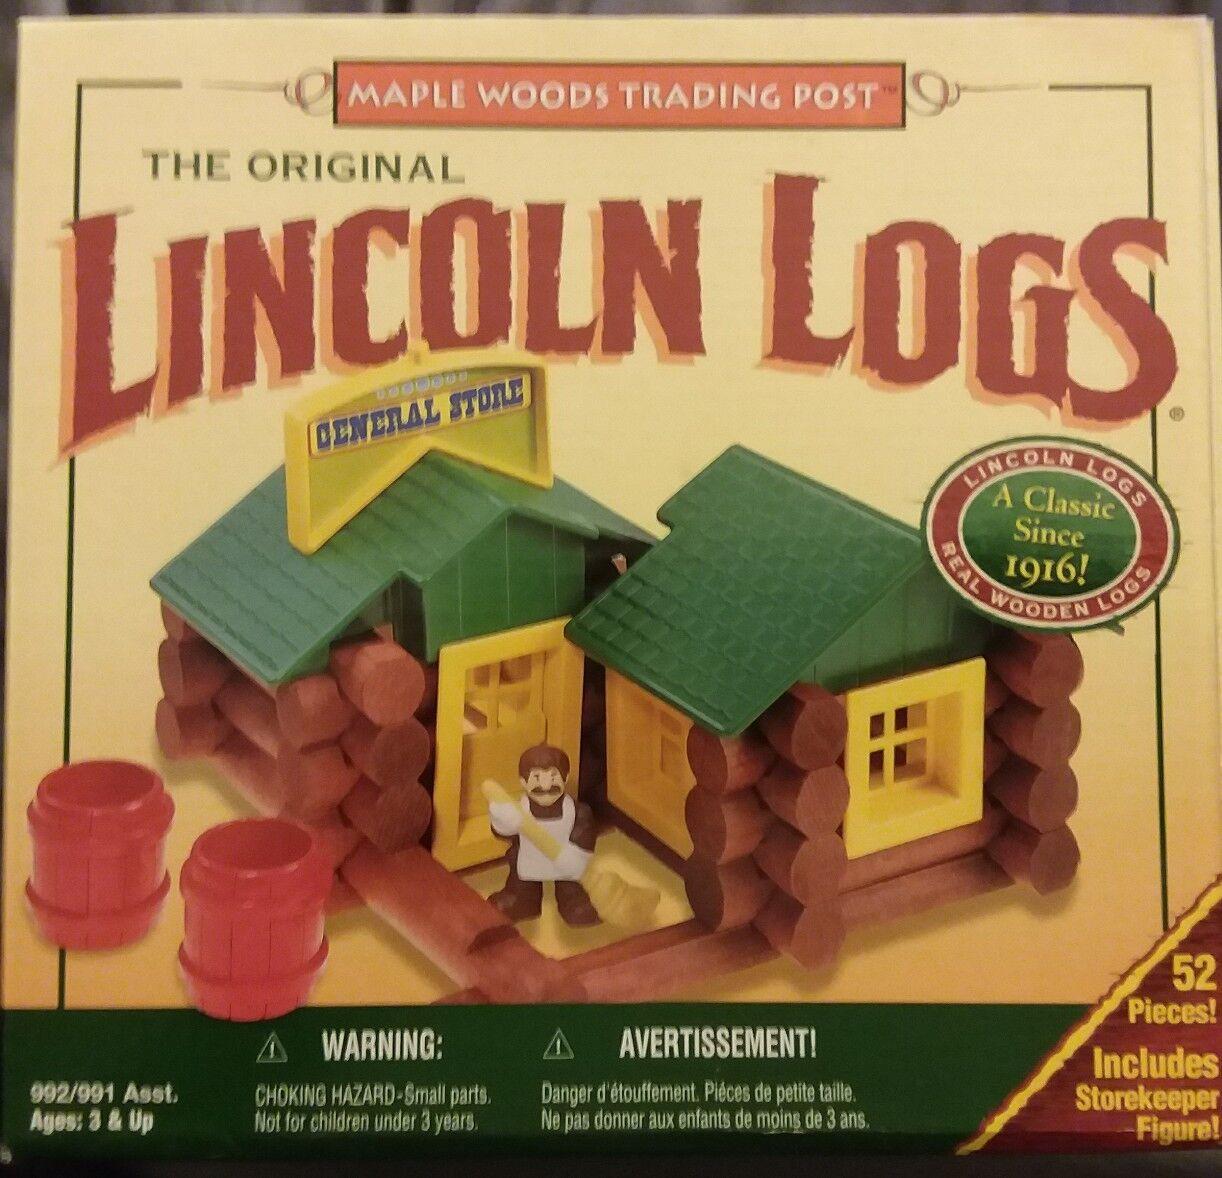 Original - lincoln logs gemischtwarenladen gebäude 52 versiegelt pcs im offenen feld fr   sh